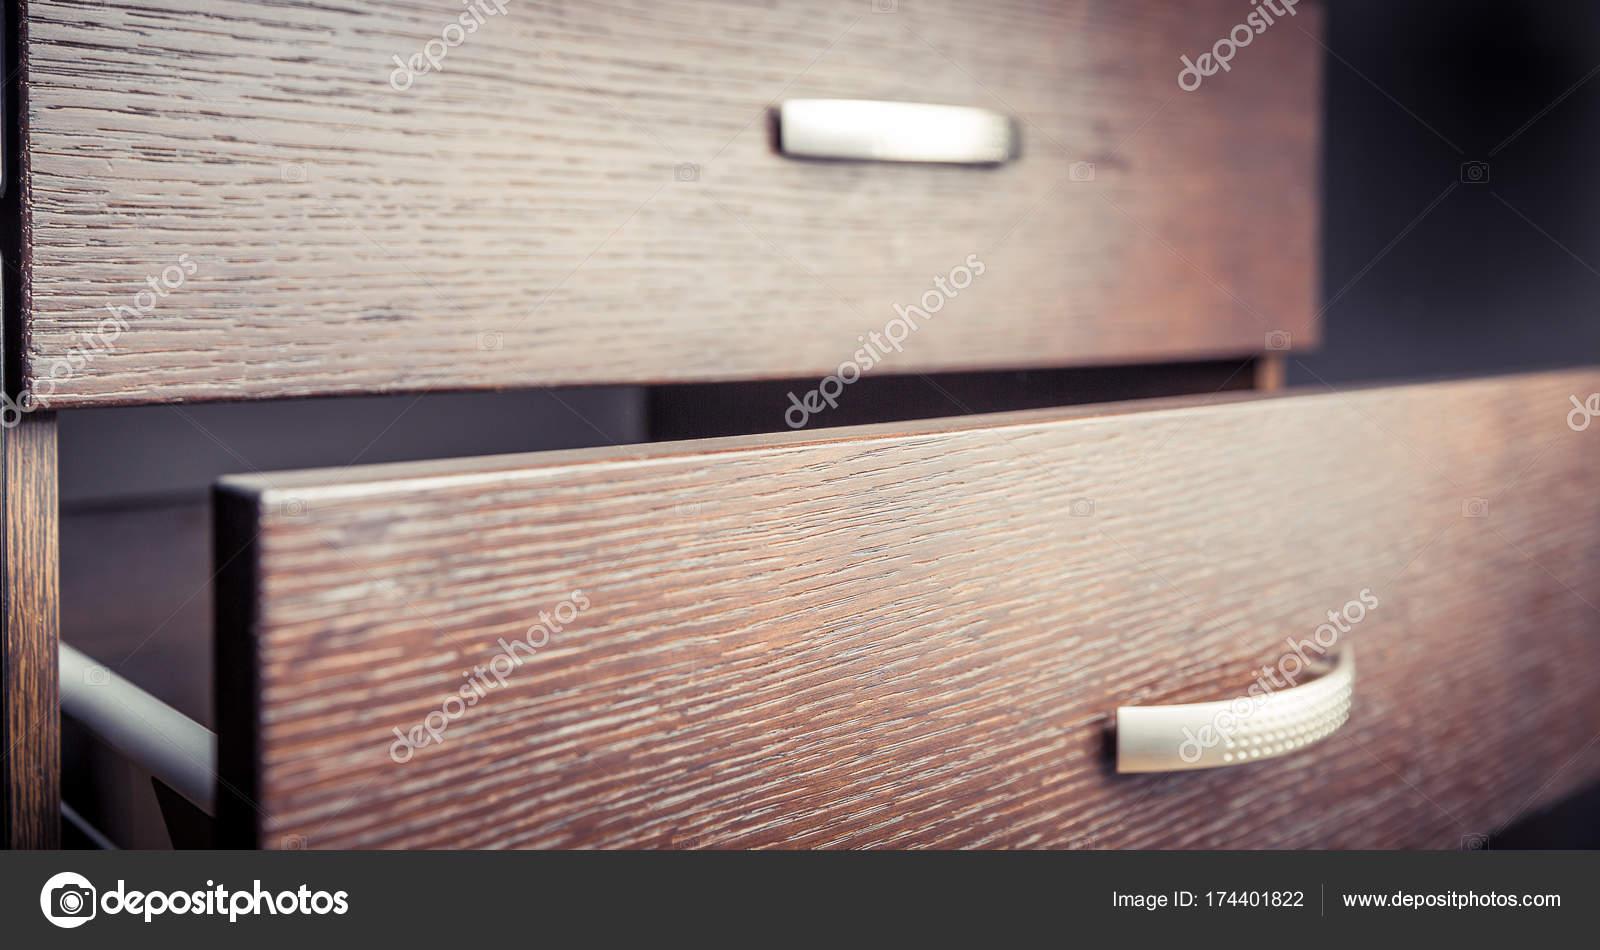 Credenza Con Cassetti : Credenza in legno con cassetti u2014 foto stock © megastocker #174401822